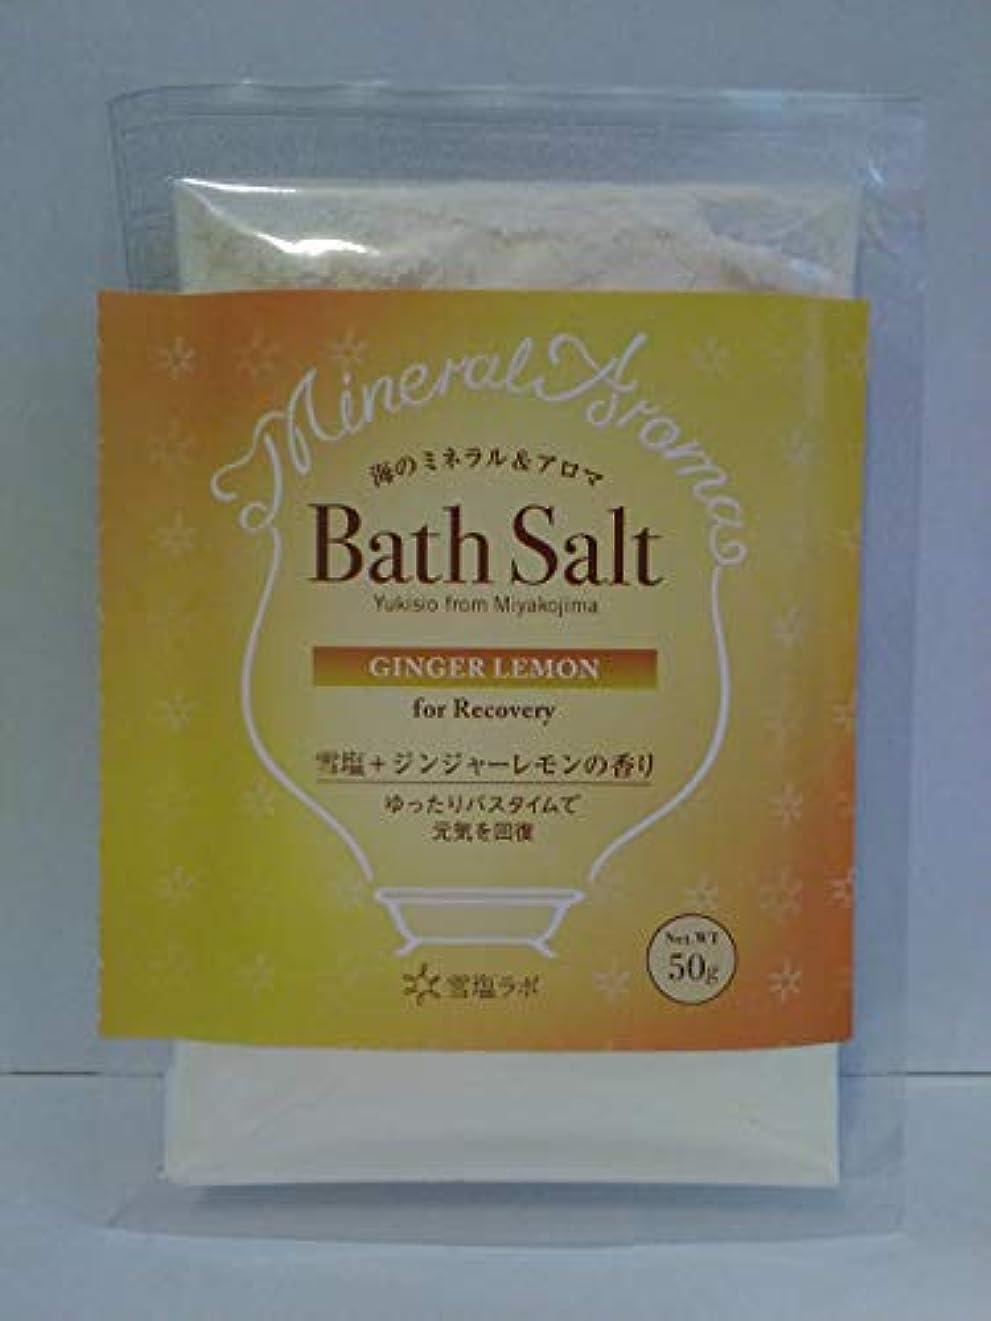 神学校準備ができてケーブル海のミネラル&アロマ Bath Salt 雪塩+ジンジャーレモンの香り